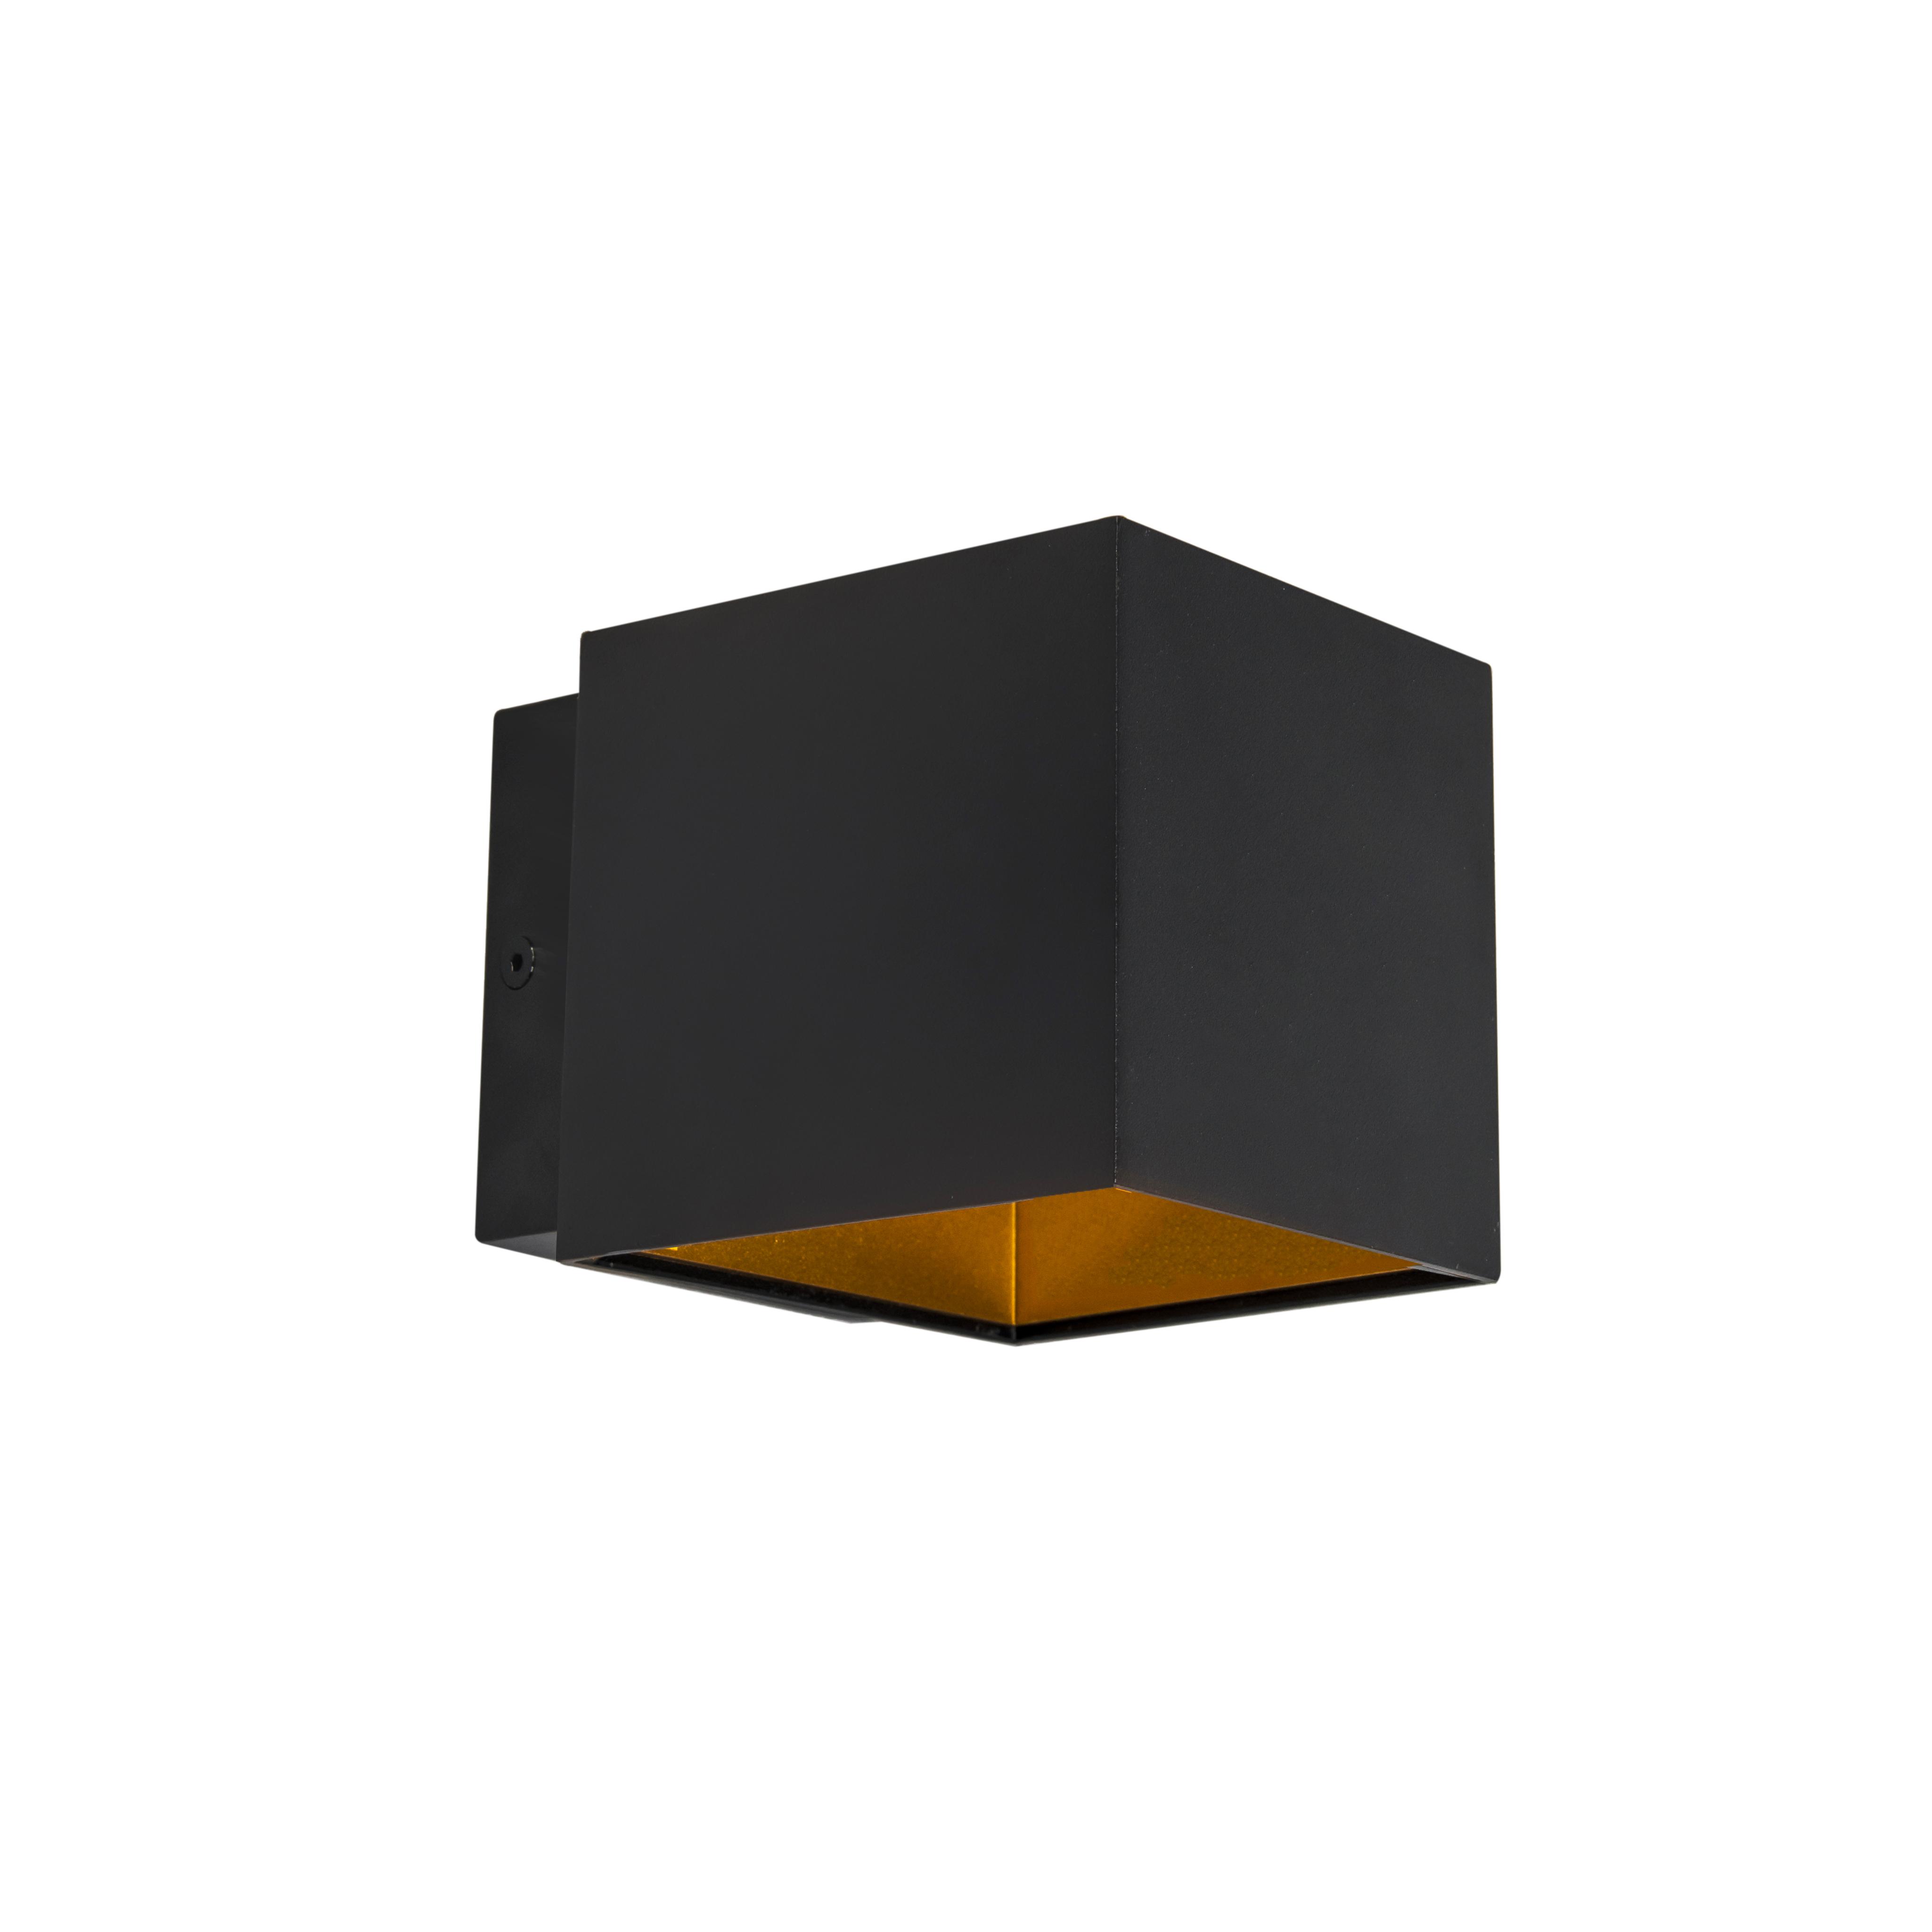 Design wandlamp zwart/goud incl. LED - Caja